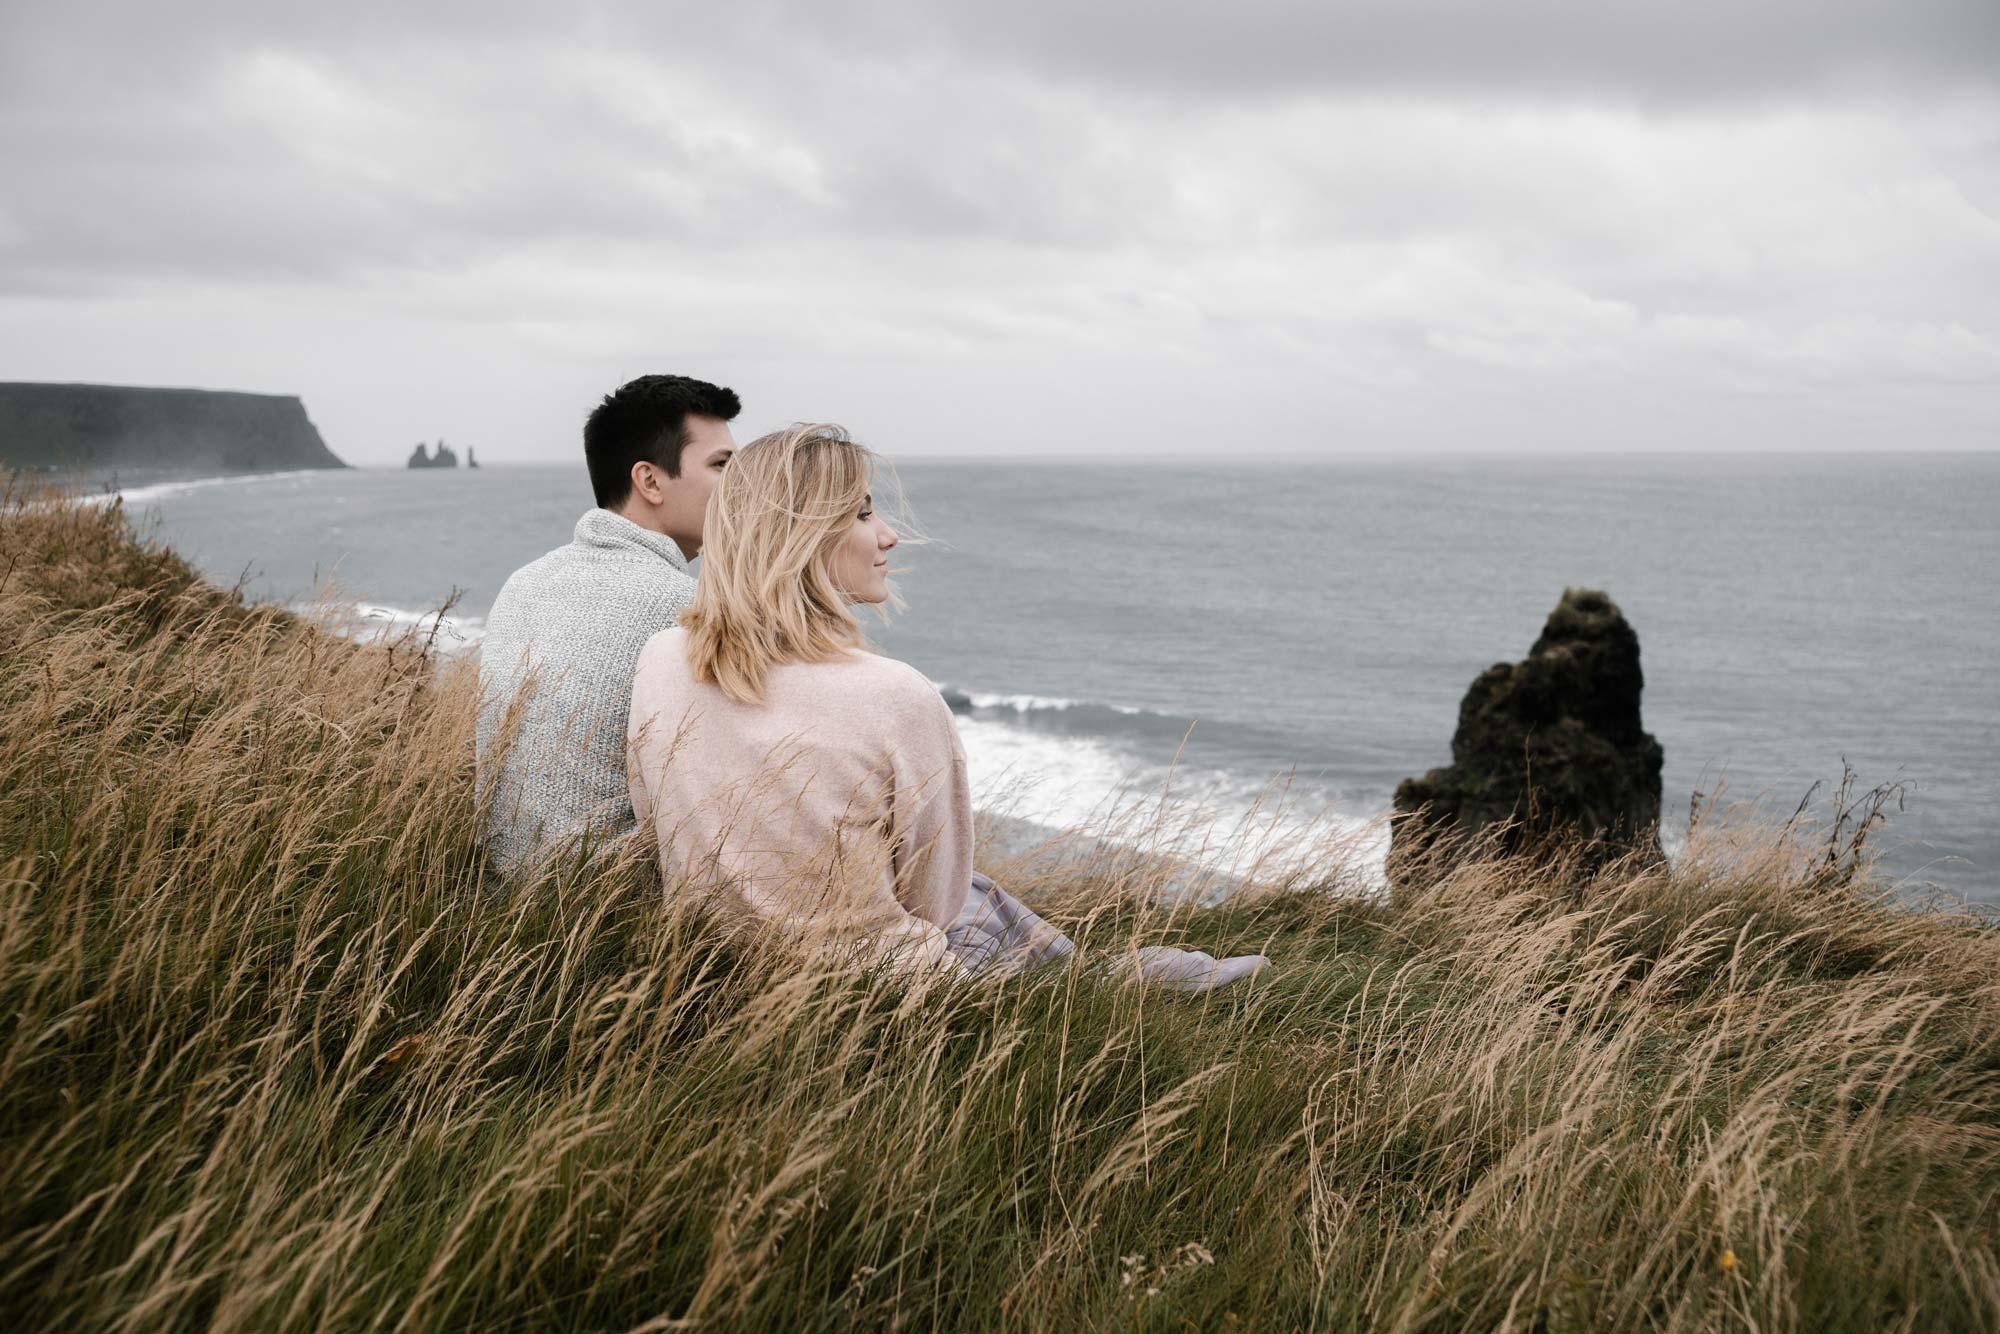 Comment continuer à entretenir son couple à travers les années : les 10 conseils de CoMédiation